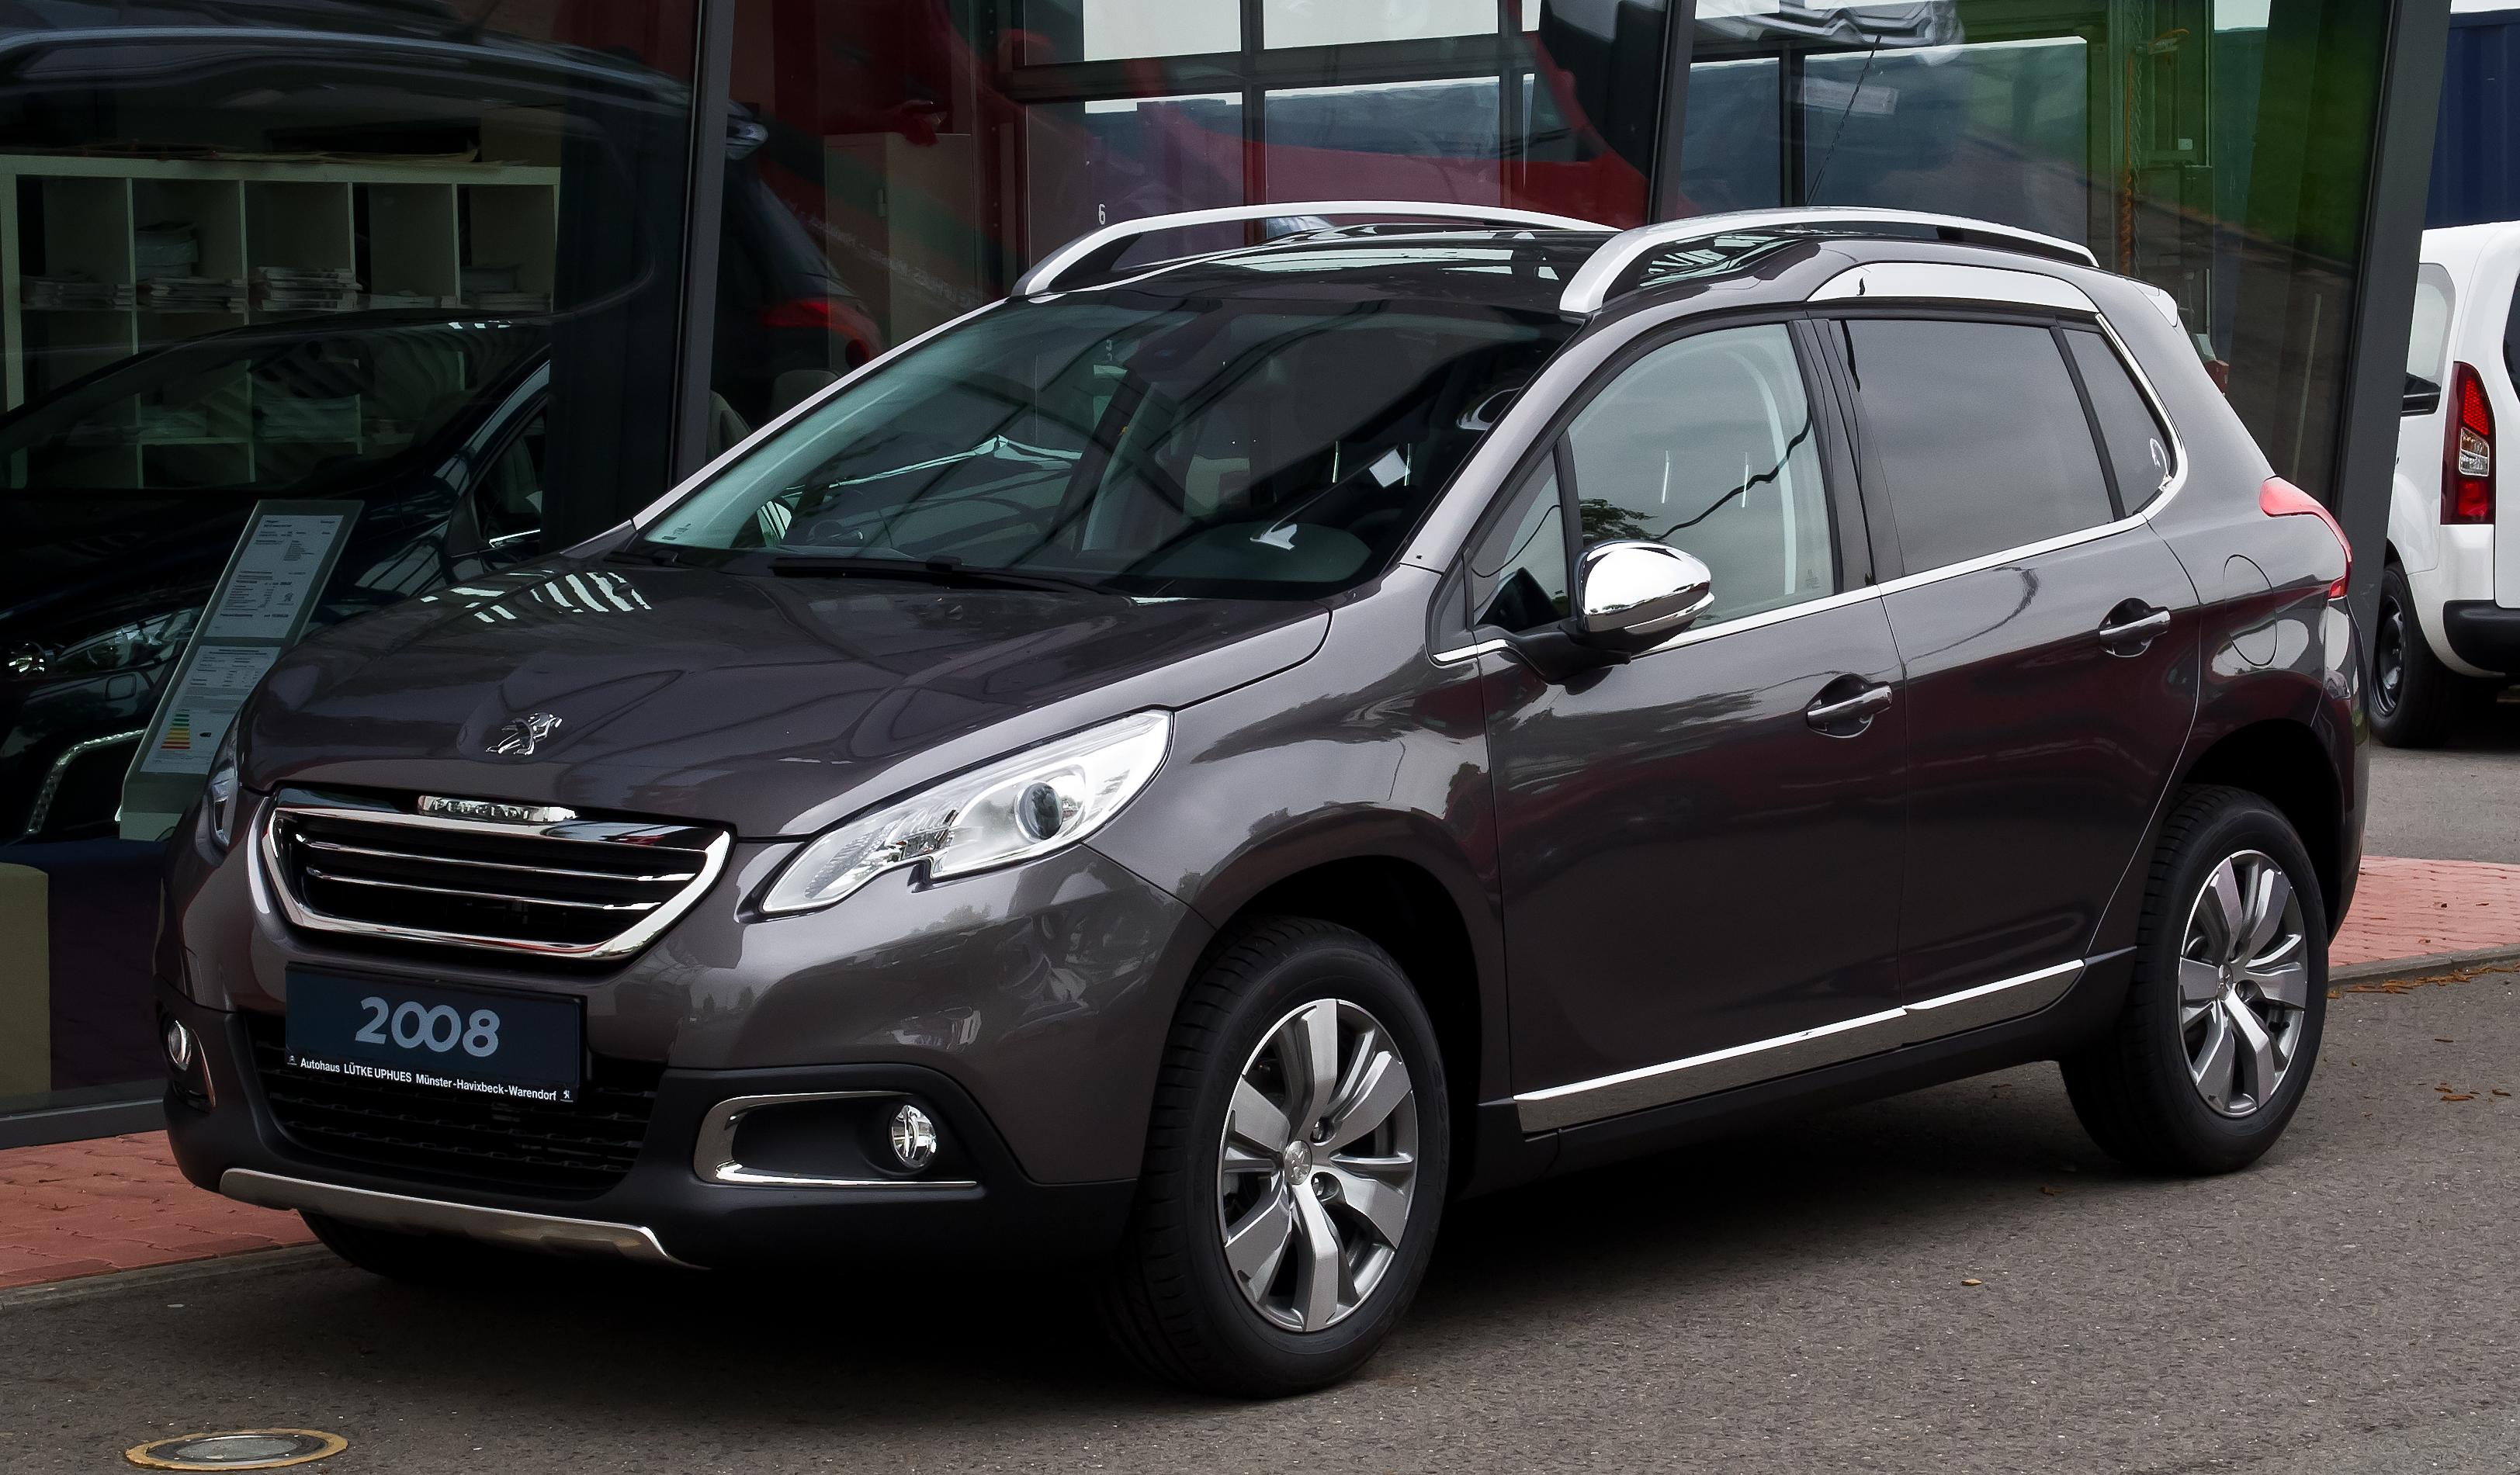 File:Peugeot 2008 82 VTi Allure